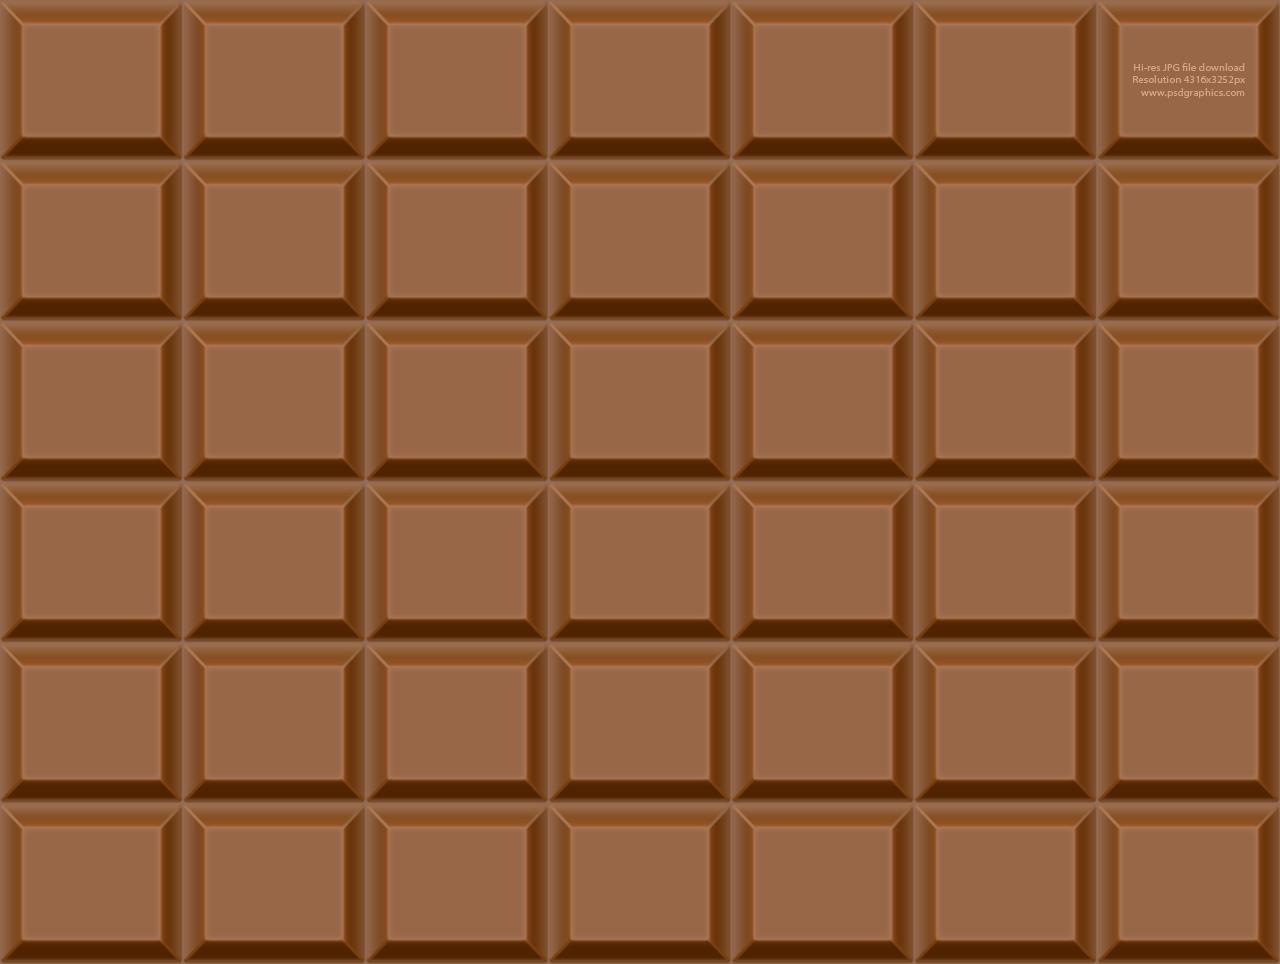 Bar clipart dark chocolate Dark bar chocolate seamless Dark